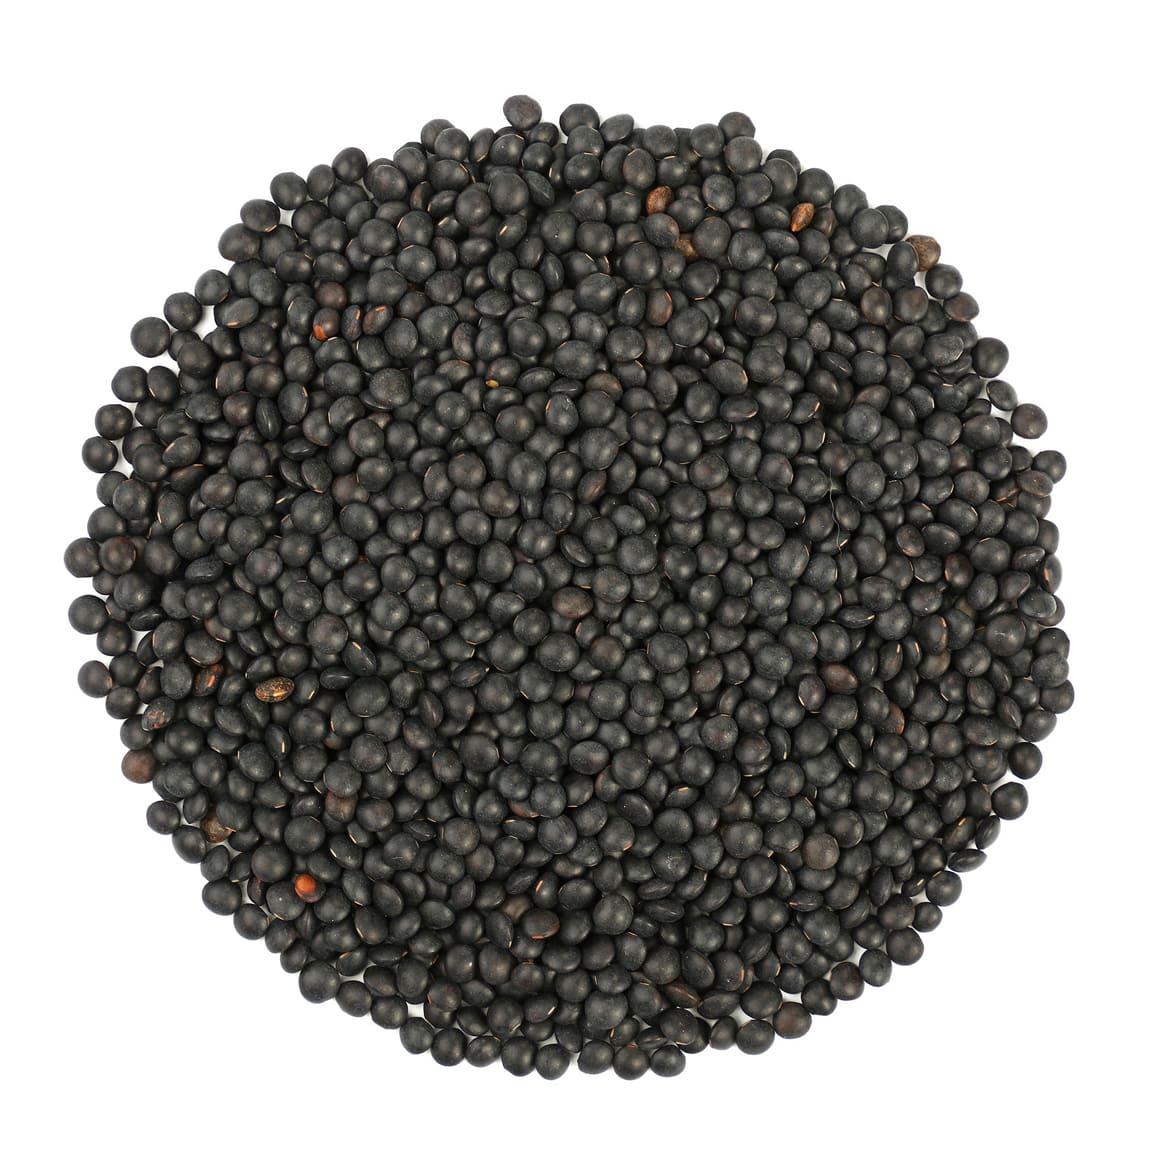 Organic Black Beluga Lentils Buy in